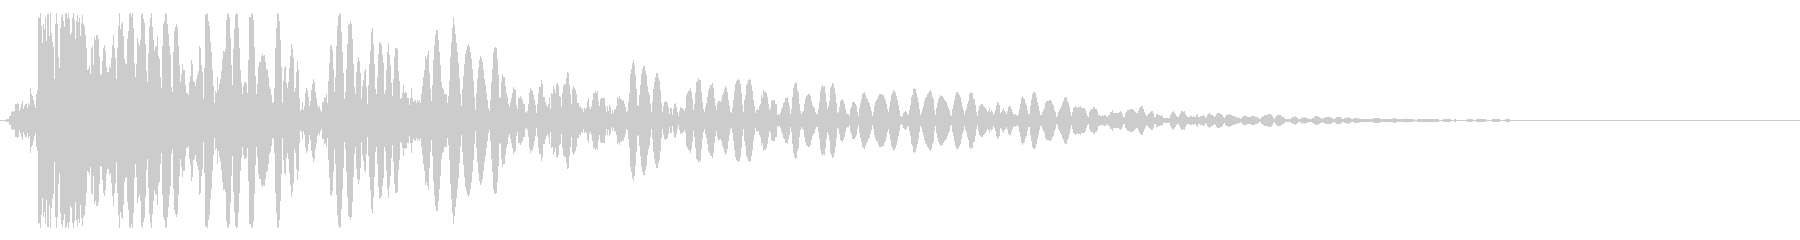 段階的なクイックブーム攻撃の影響の未再生の波形